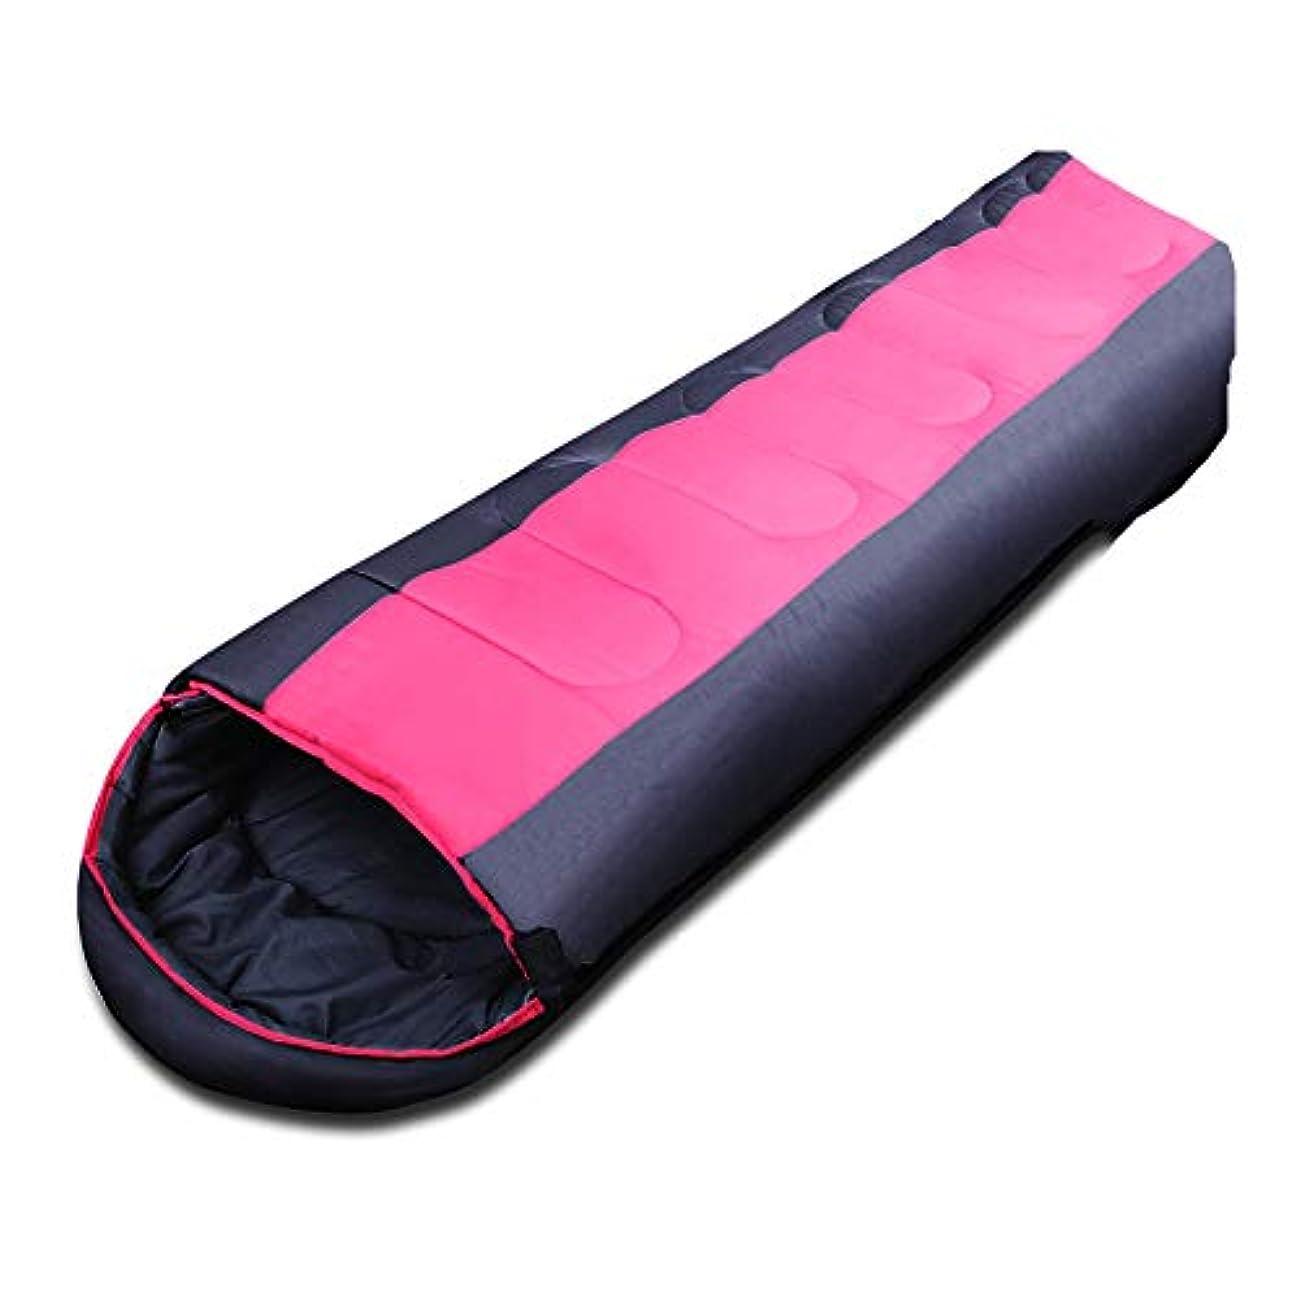 事務所カウボーイパーク大人の寝袋屋外のプロの寝袋ドライクール防水キャンプハイキングハイキングタイトな暖かい寝袋